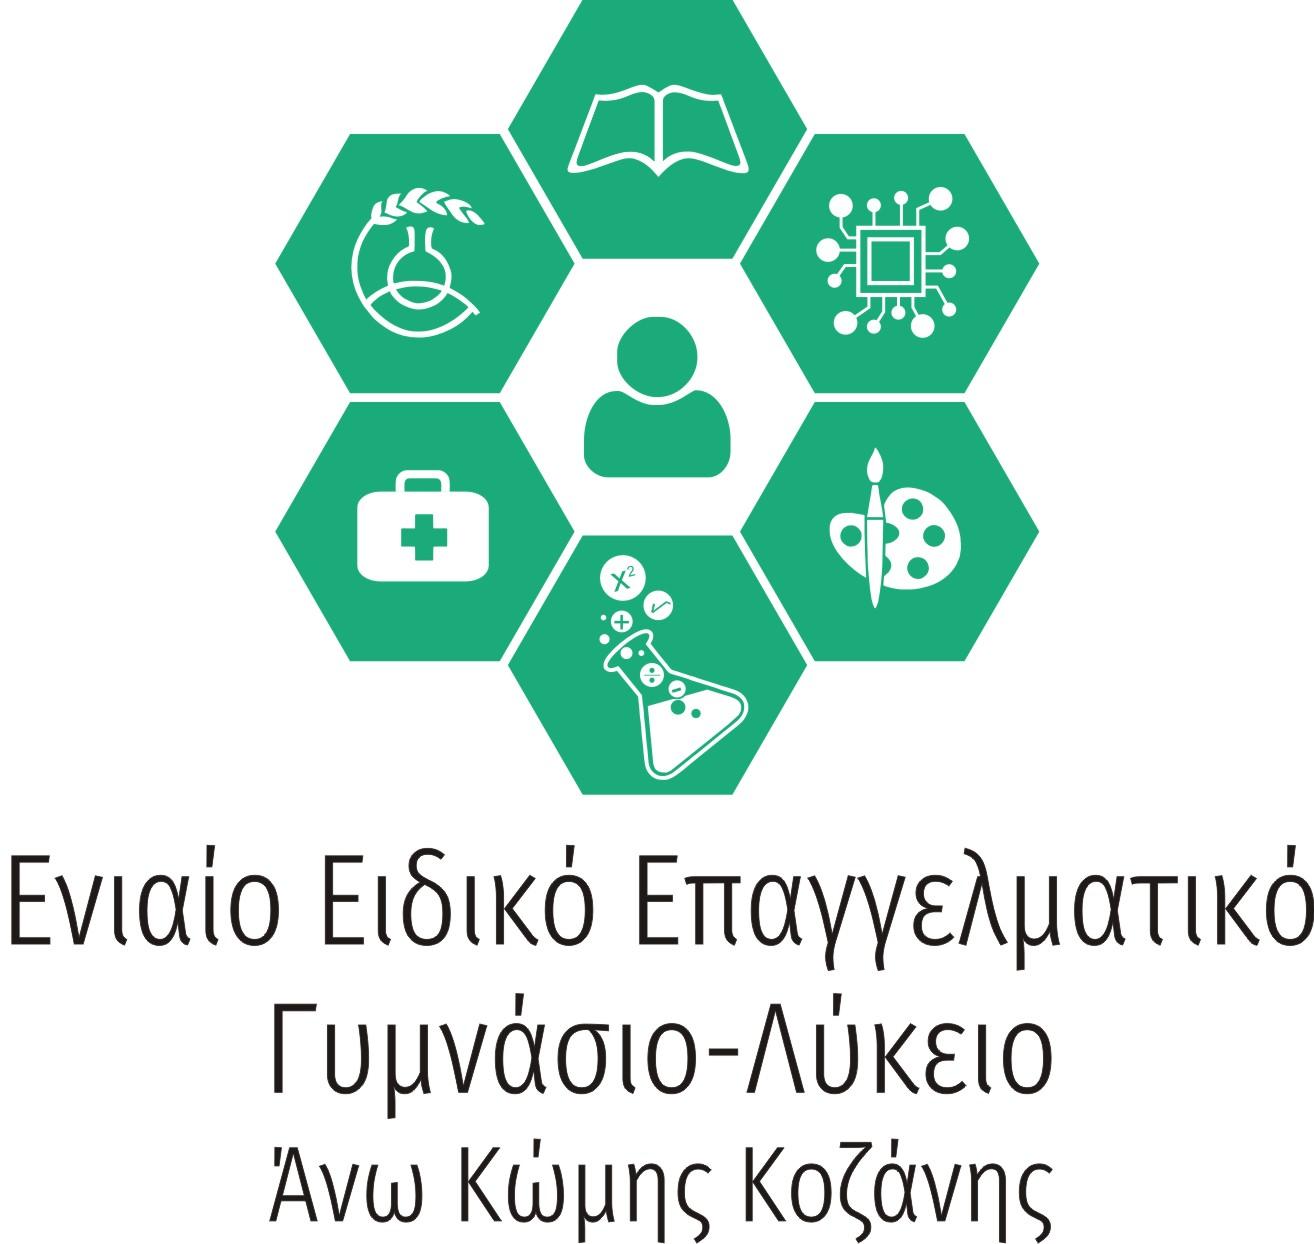 Ενιαίο Ειδικό Επαγγελματικό Γυμνάσιο-Λύκειο Άνω Κώμης Κοζάνης